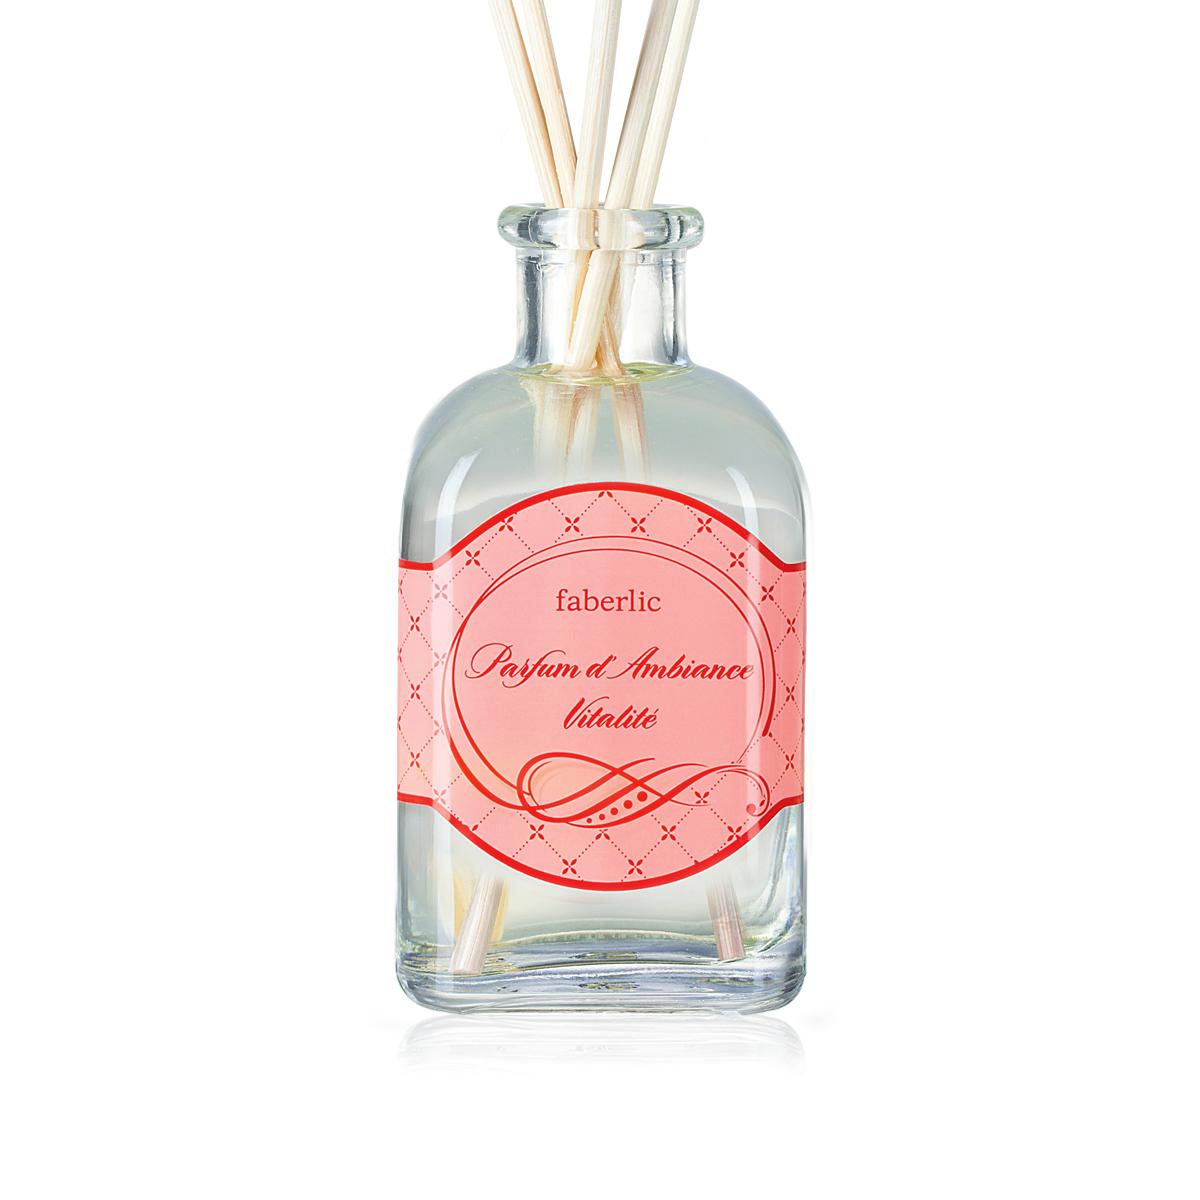 Faberlic Parfum d'Ambiance Vitalité